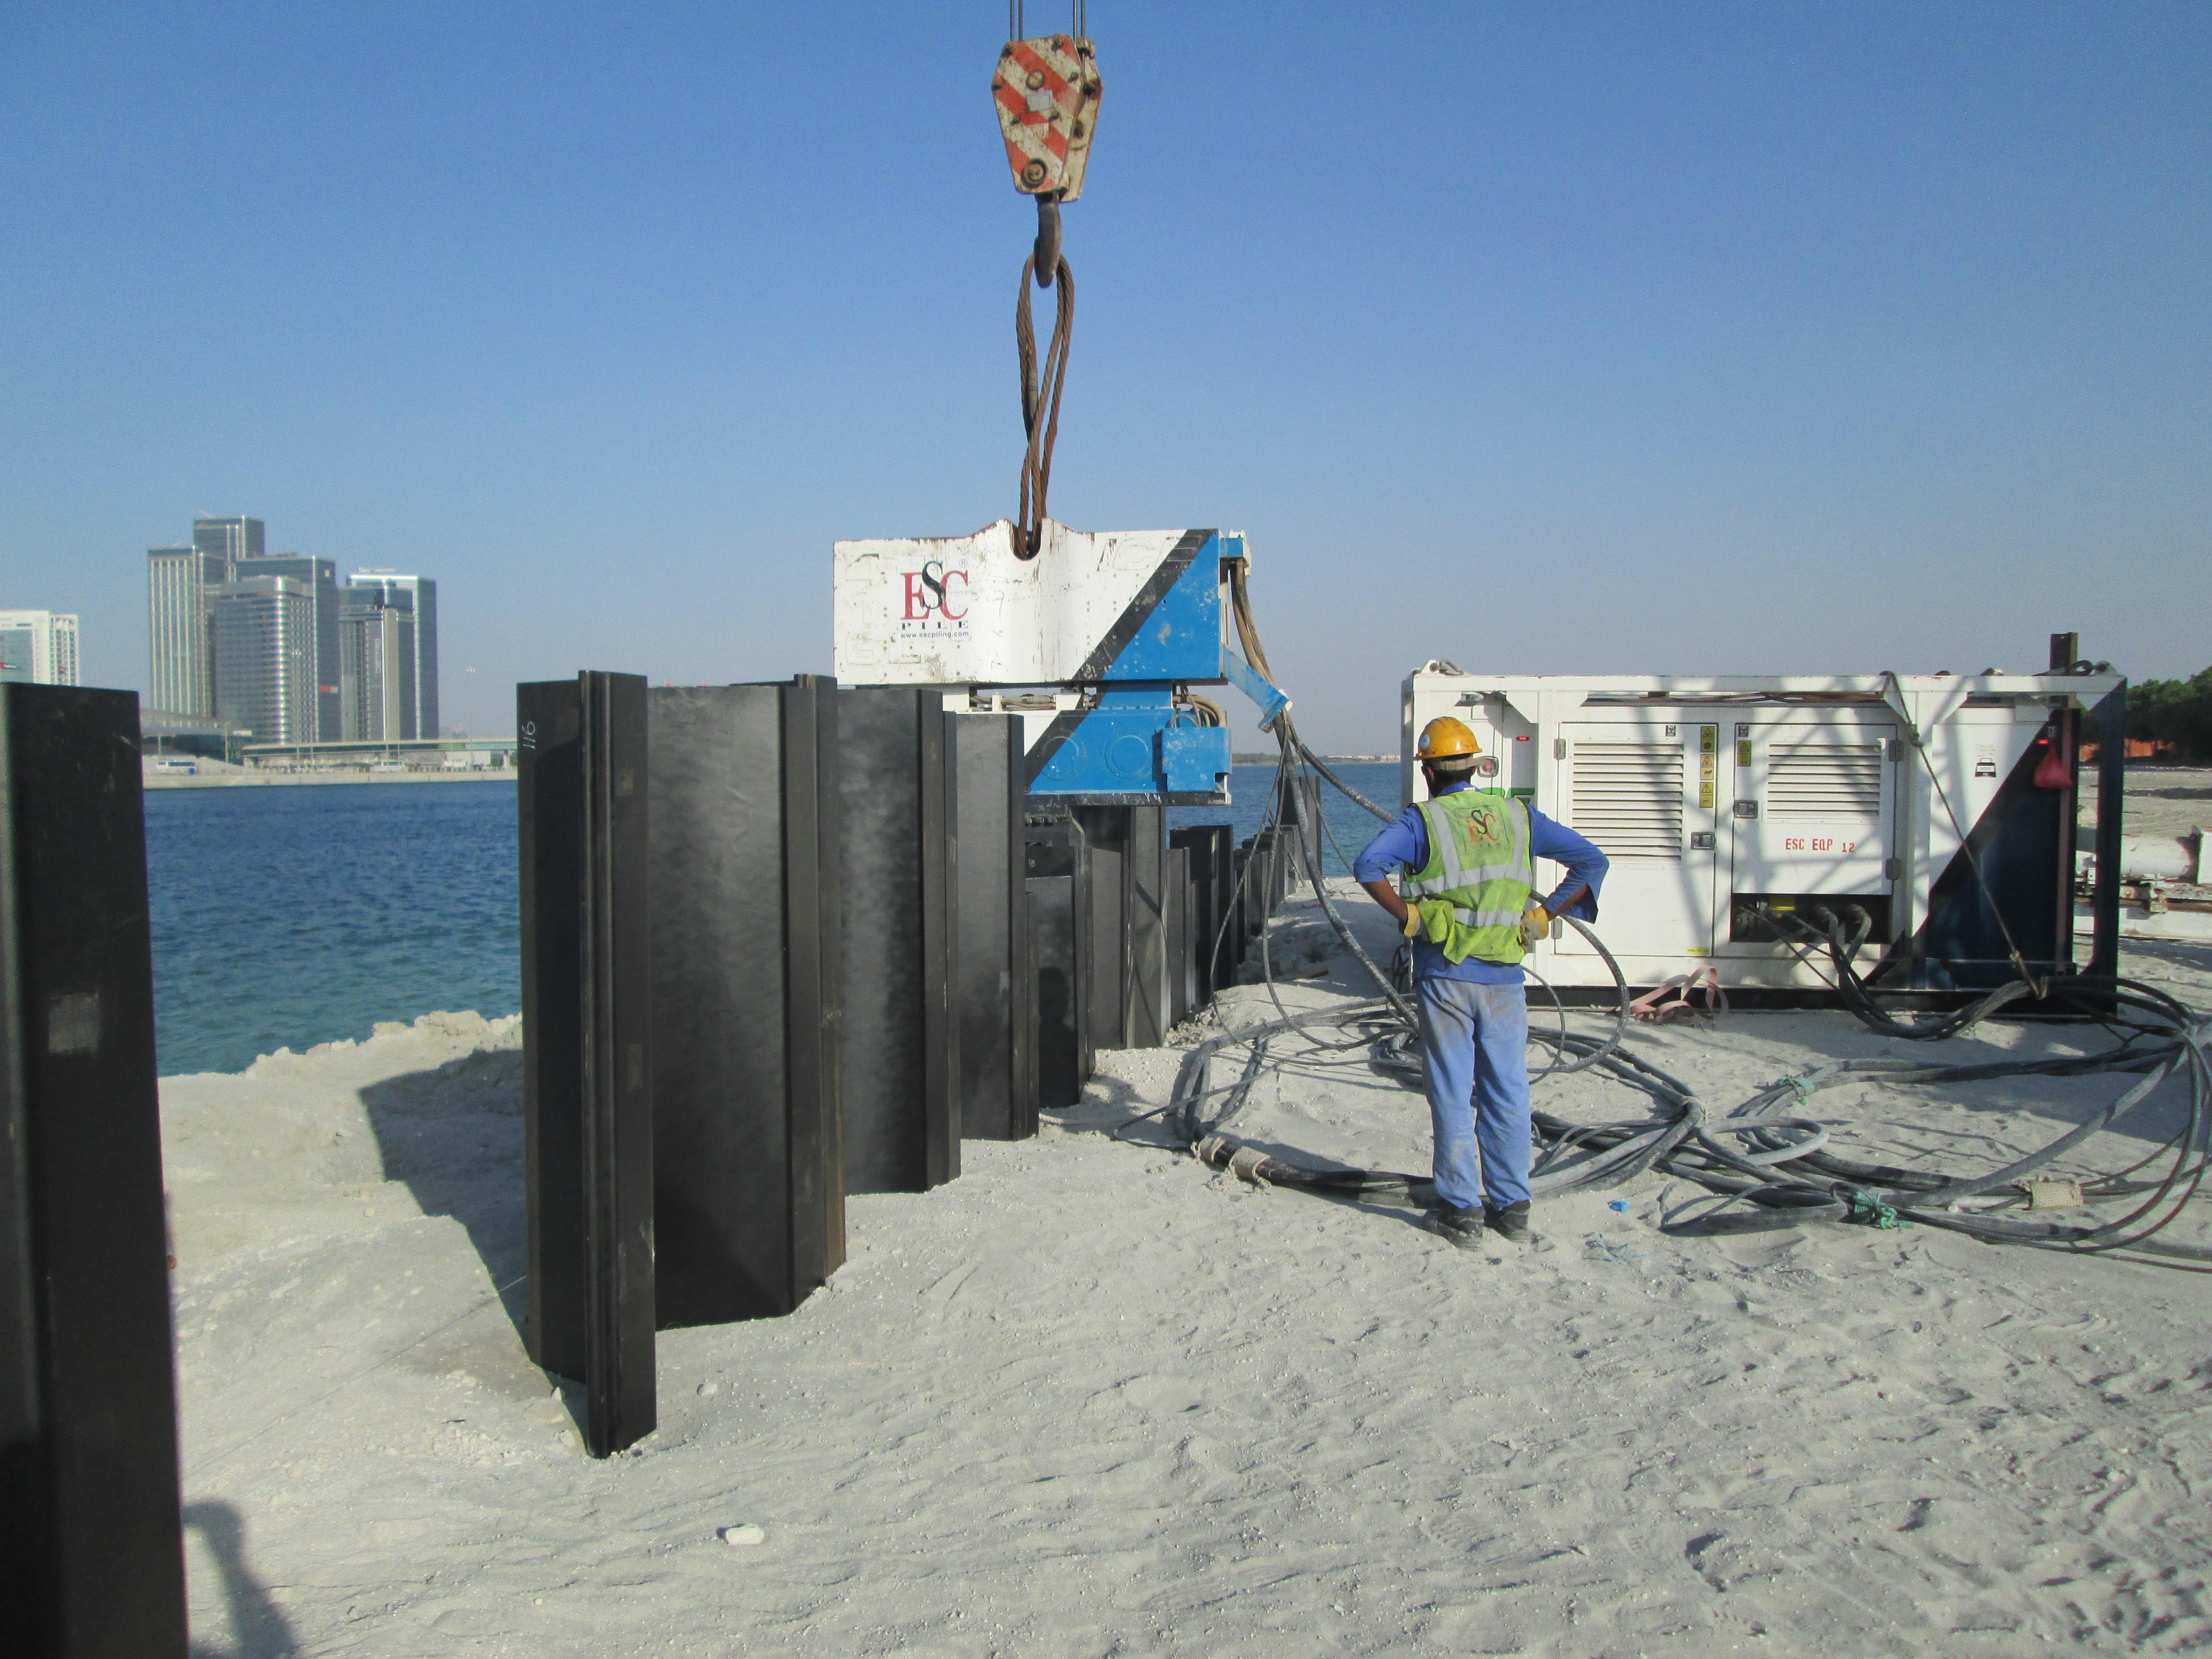 Al Saif, Abu Dhabi, UAE